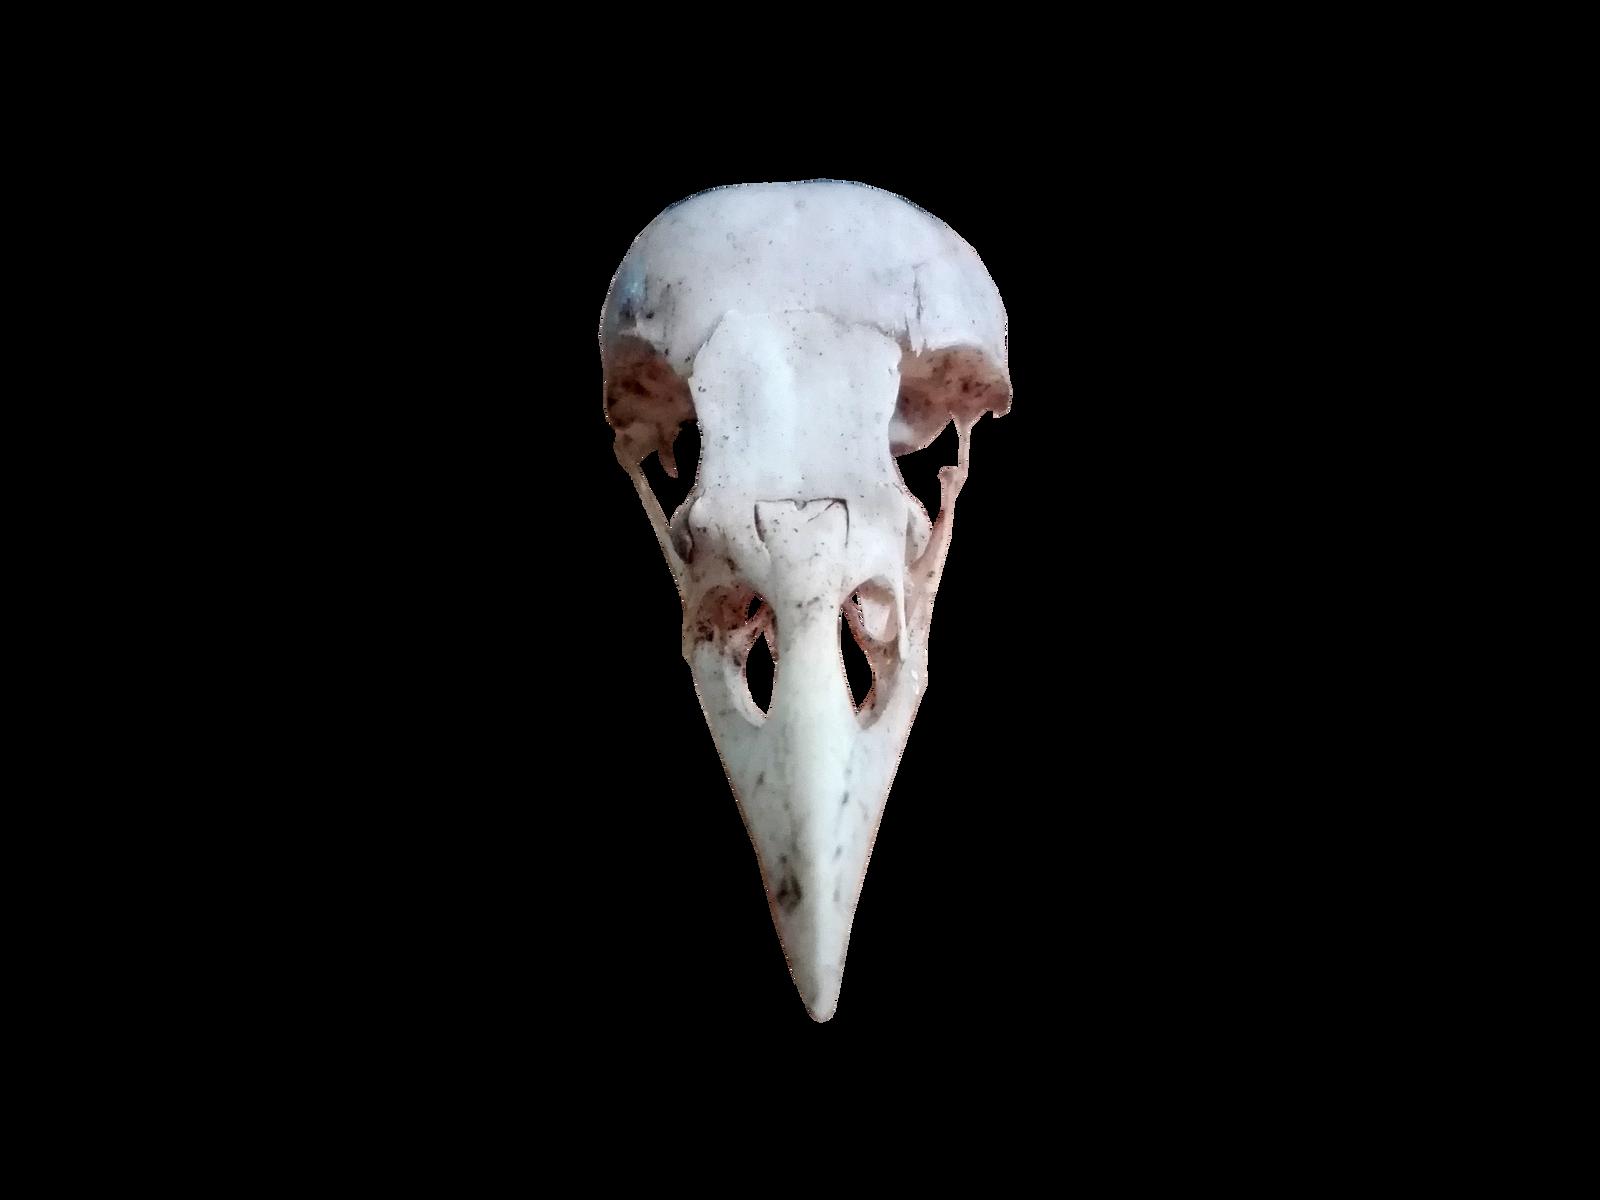 Bird Skul Png - Png-stock.com